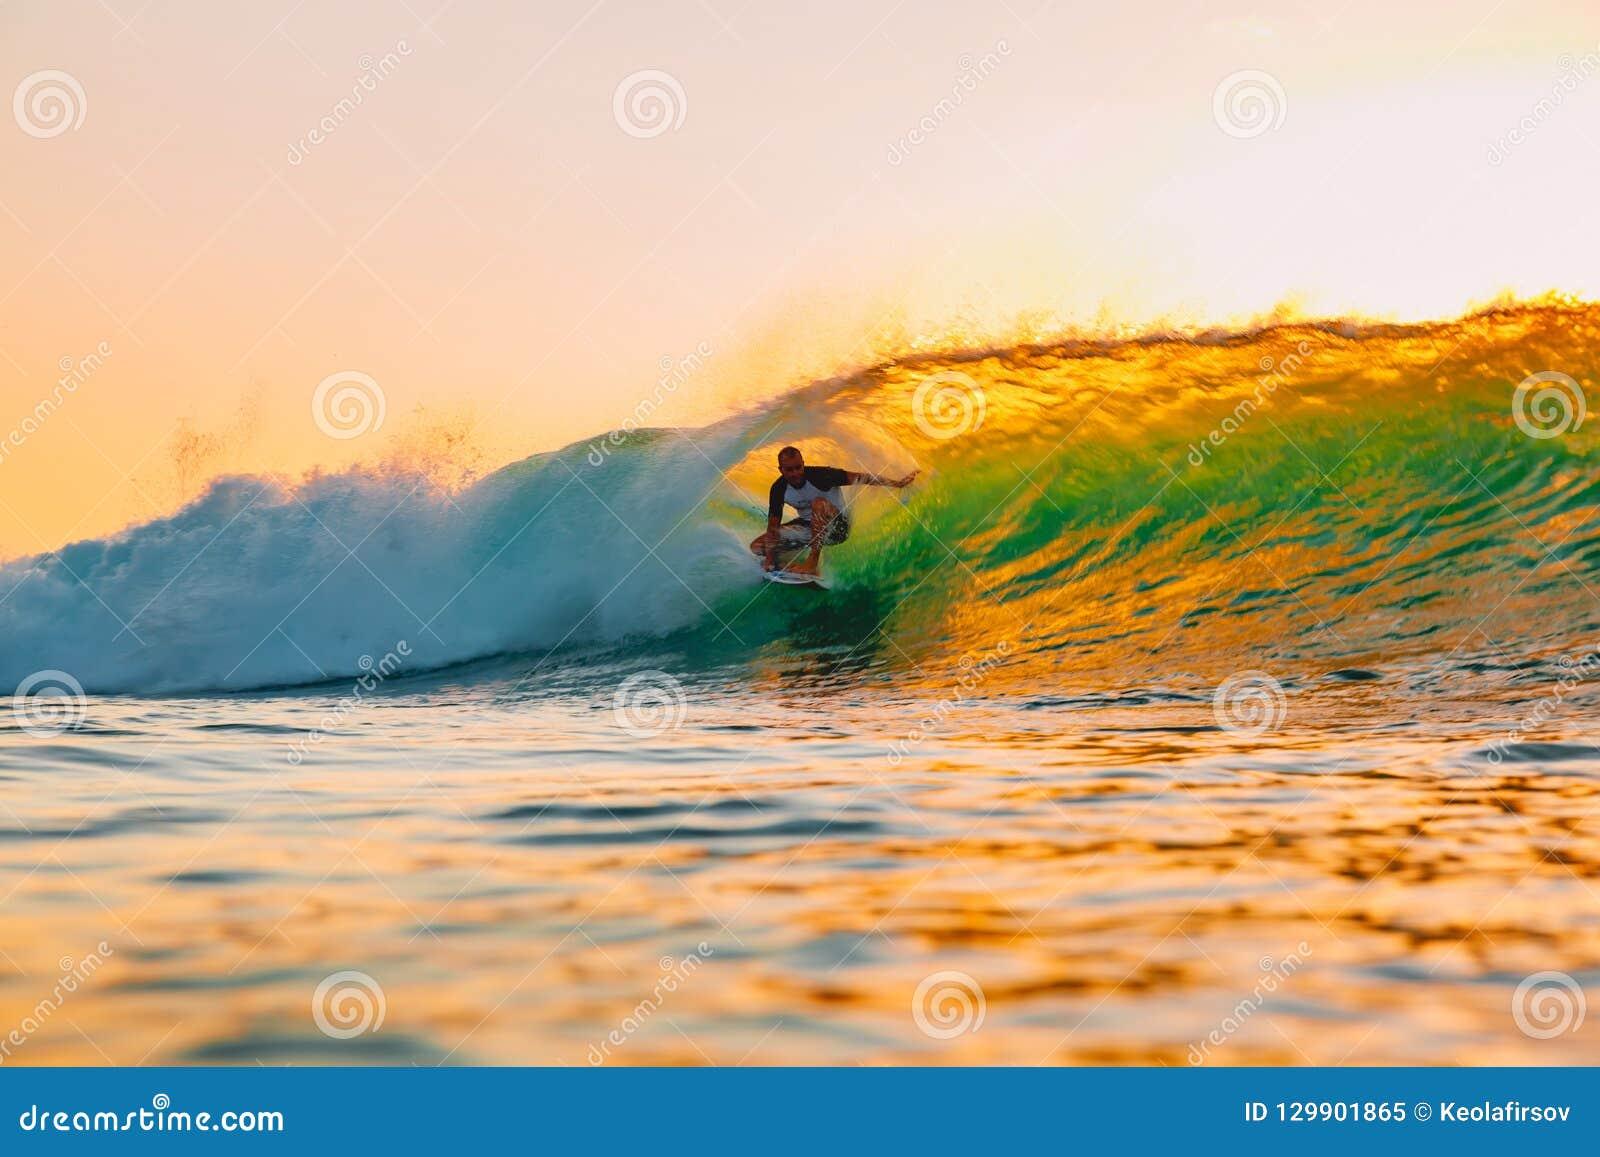 8 september, 2018 Bali, Indonesië Surferrit op vatgolf bij warme zonsondergang Het professionele surfen in oceaan, Bingin-strand